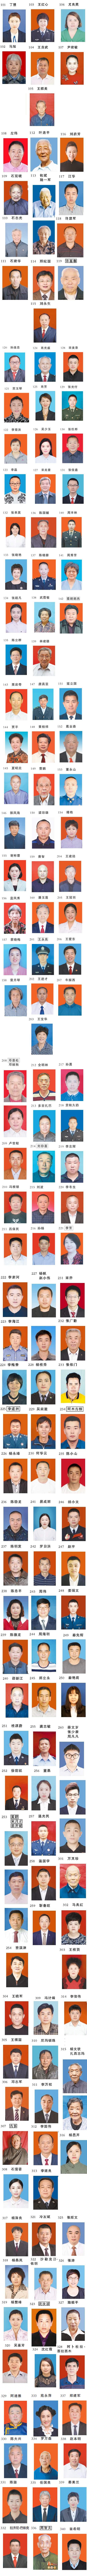 德耀中华 第七届全国道德模范候选人事迹(上)(图)